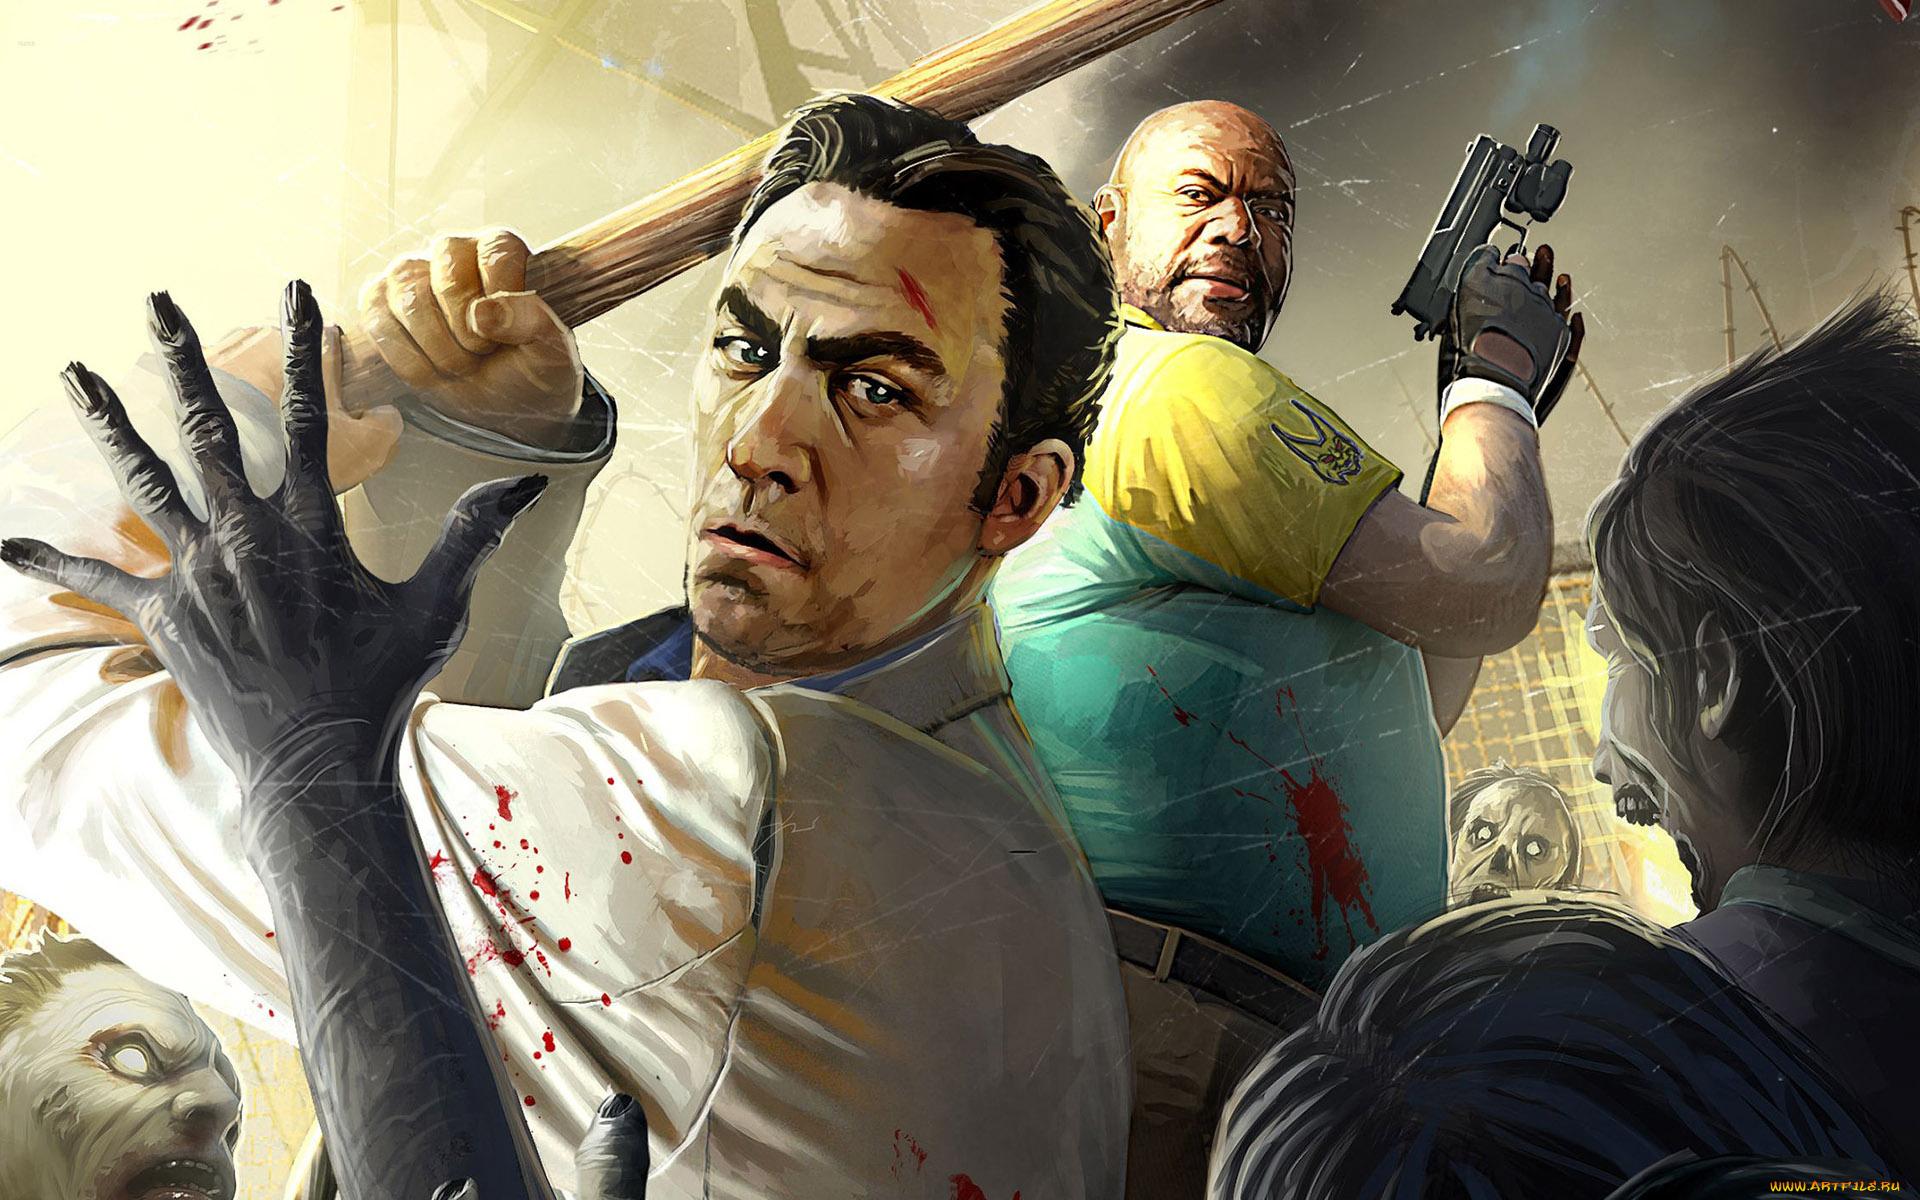 Днем, прикольная картинка из игры